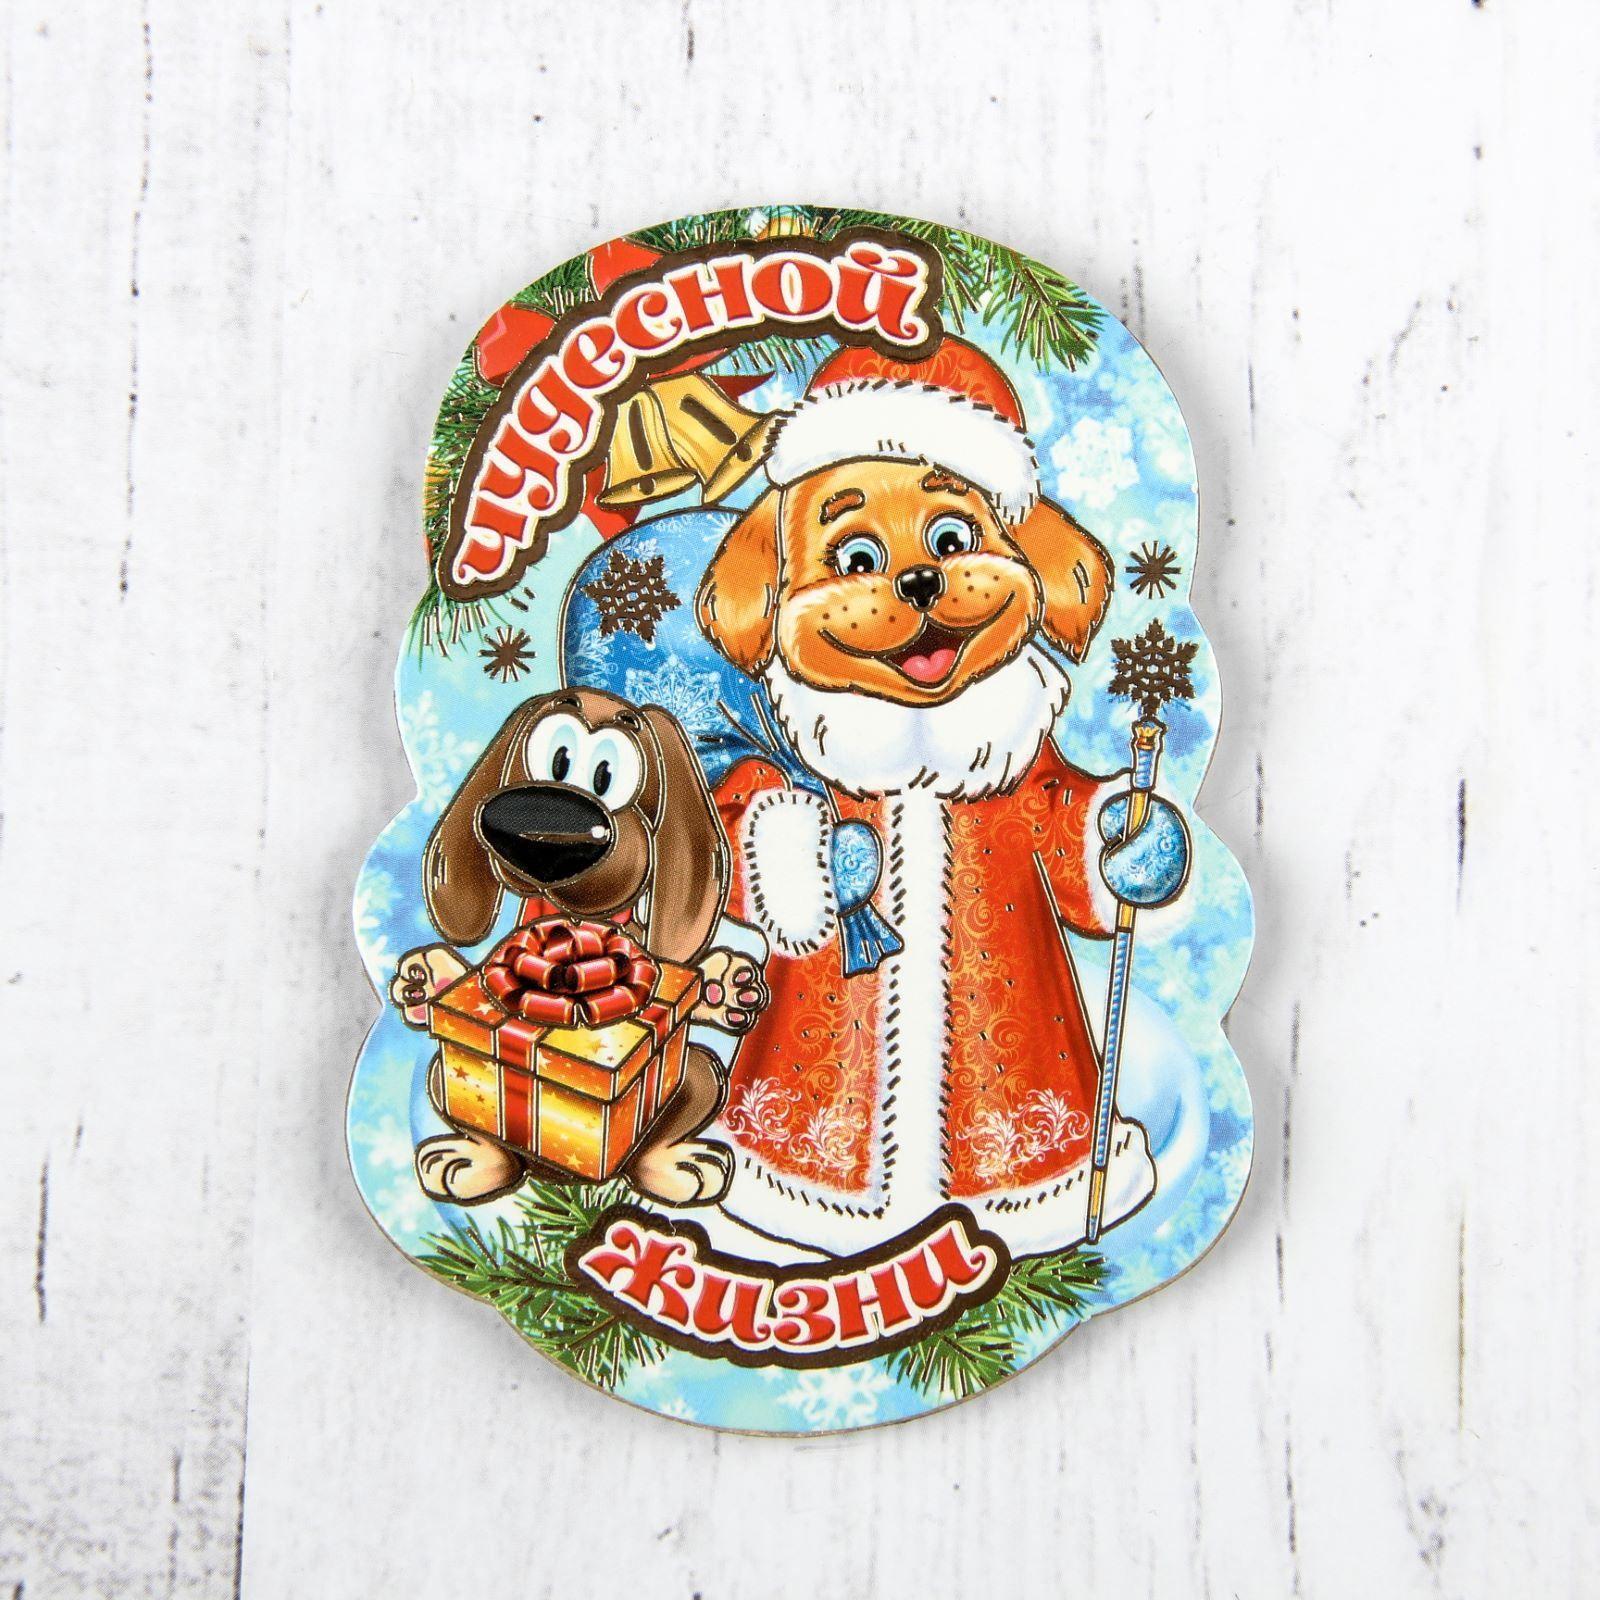 Магнит Sima-land Новогодний. 2018, 10 х 7,5 см. 25324102532410Порадуйте родных и близких оригинальным сувениром: преподнесите в подарок магнит. С ним даже самый серьезный человек почувствует себя ребенком, ожидающим чудо! Прикрепите его к любой металлической поверхности, и он удержит на виду важные записки, любовные послания или просто список продуктов.Создайте праздничное настроение, и оно останется с вами на весь год.